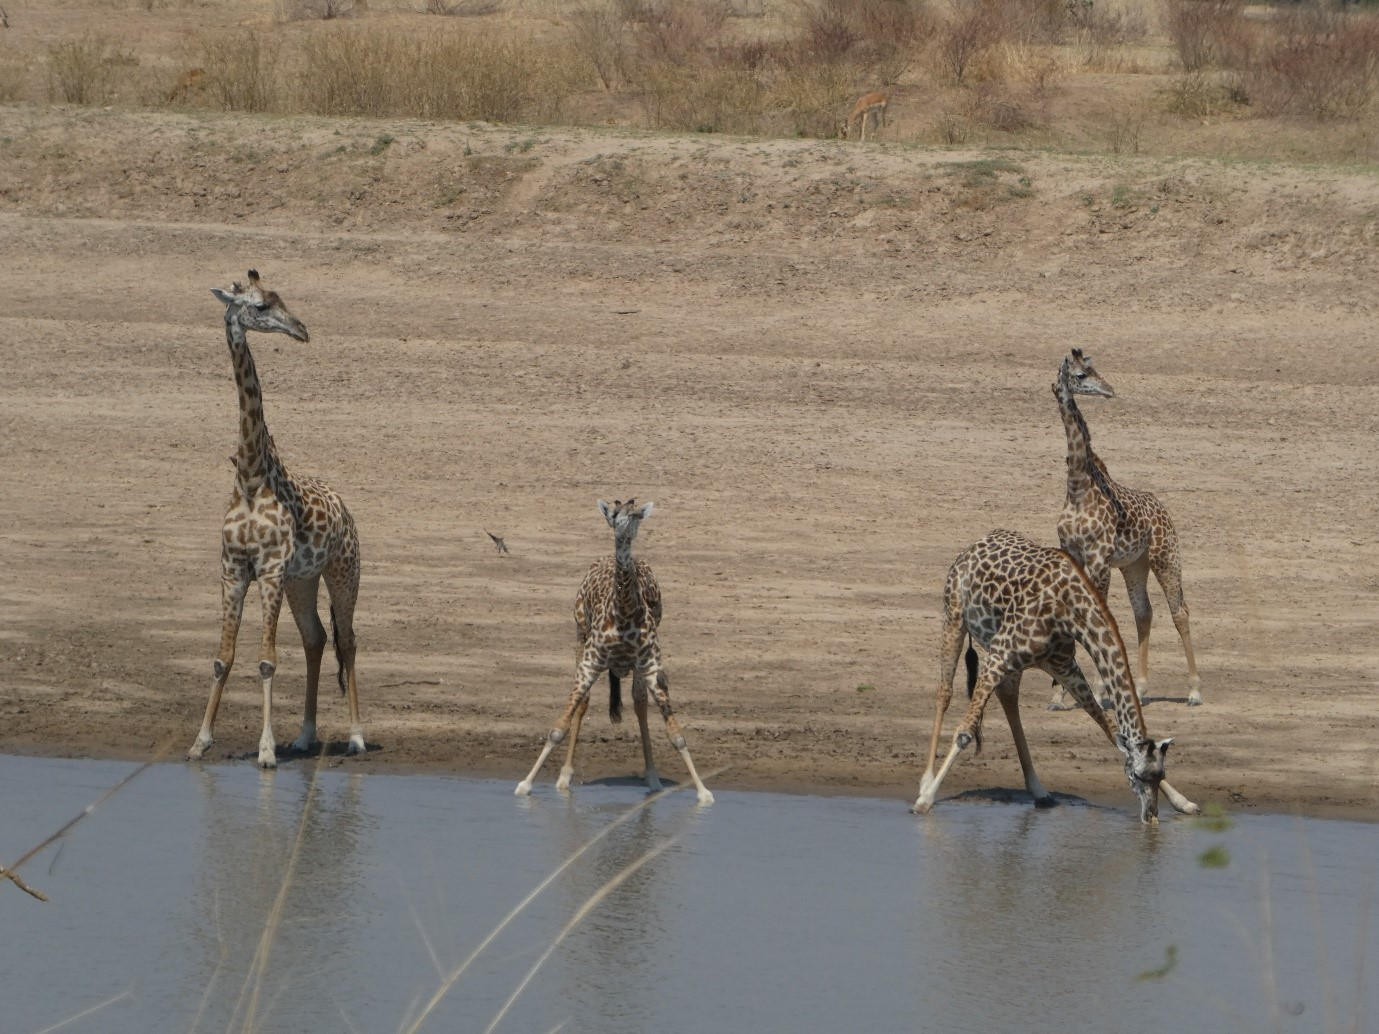 giraffes-drinking-by-the-warerhole